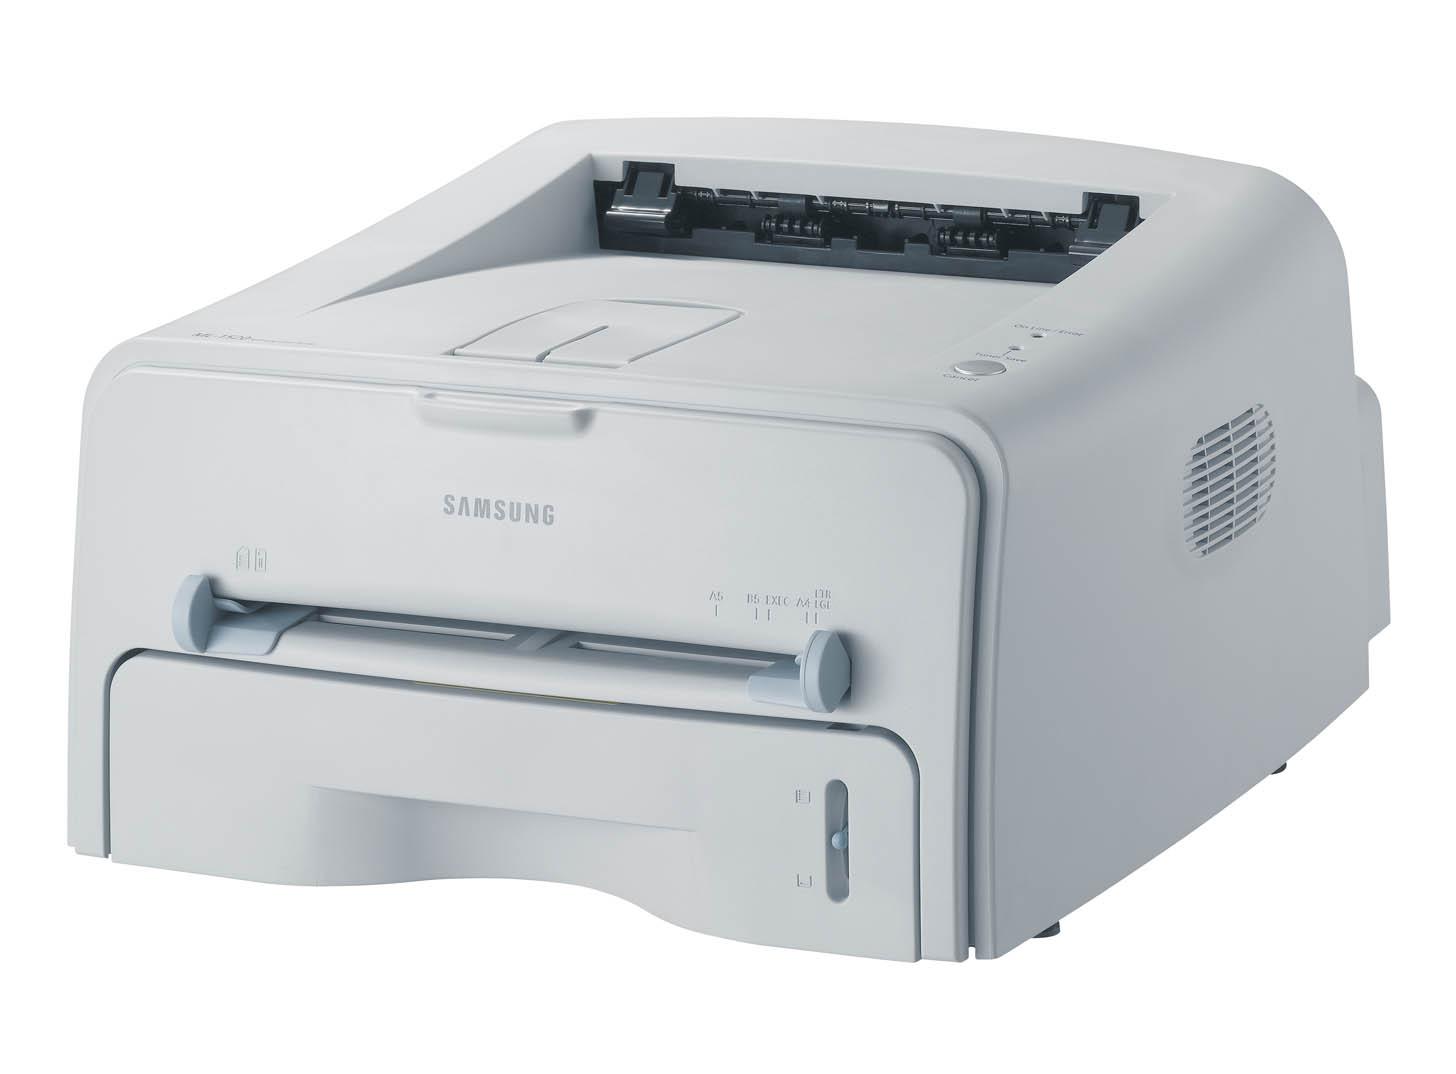 Драйвер для samsung ml-1520p + инструкция как установить на компьютер.